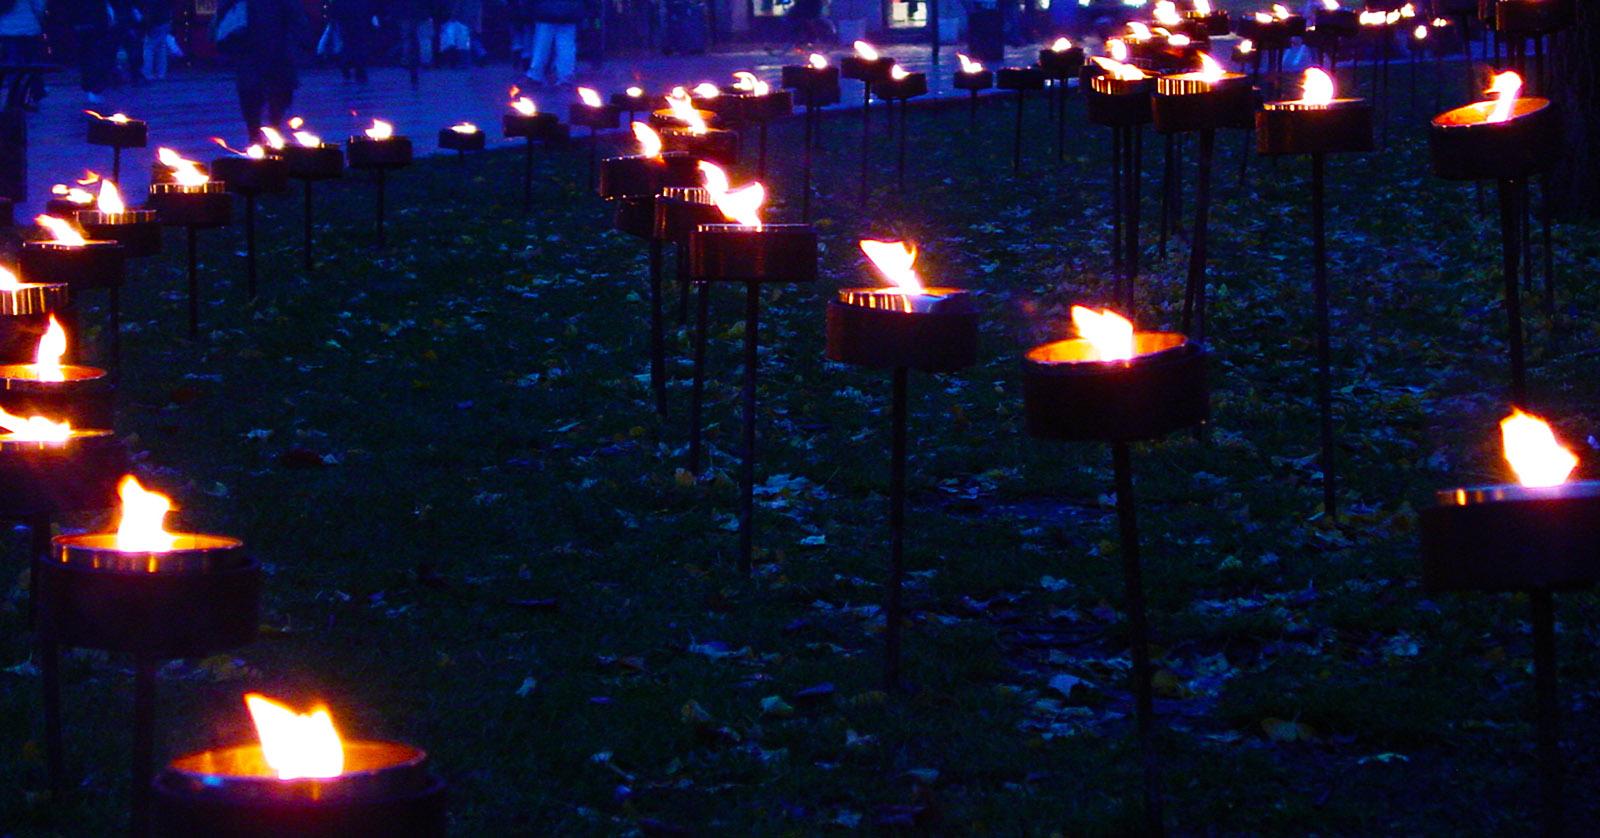 Juletid. Lichterglanz am Gustav Adolf Torg von Malmö. Foto: Hilke Maunder